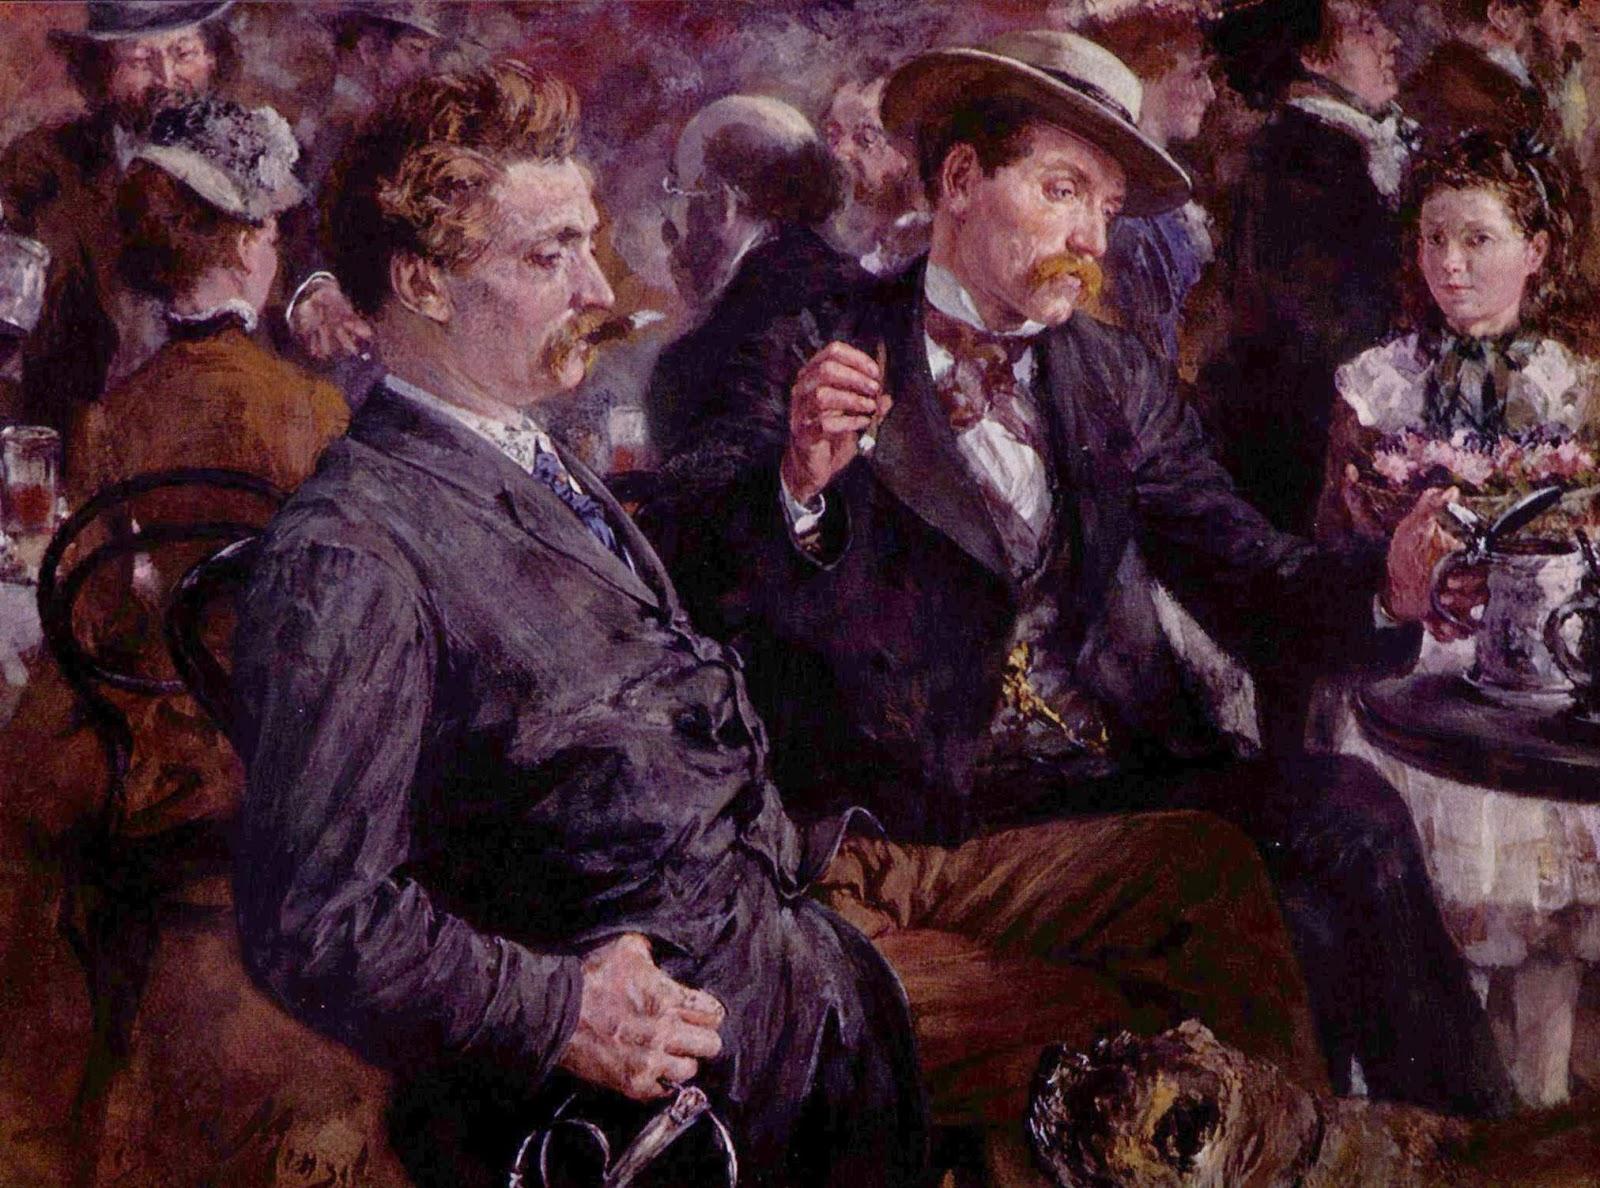 At the Beer Garden, by Adolph Von Menzel